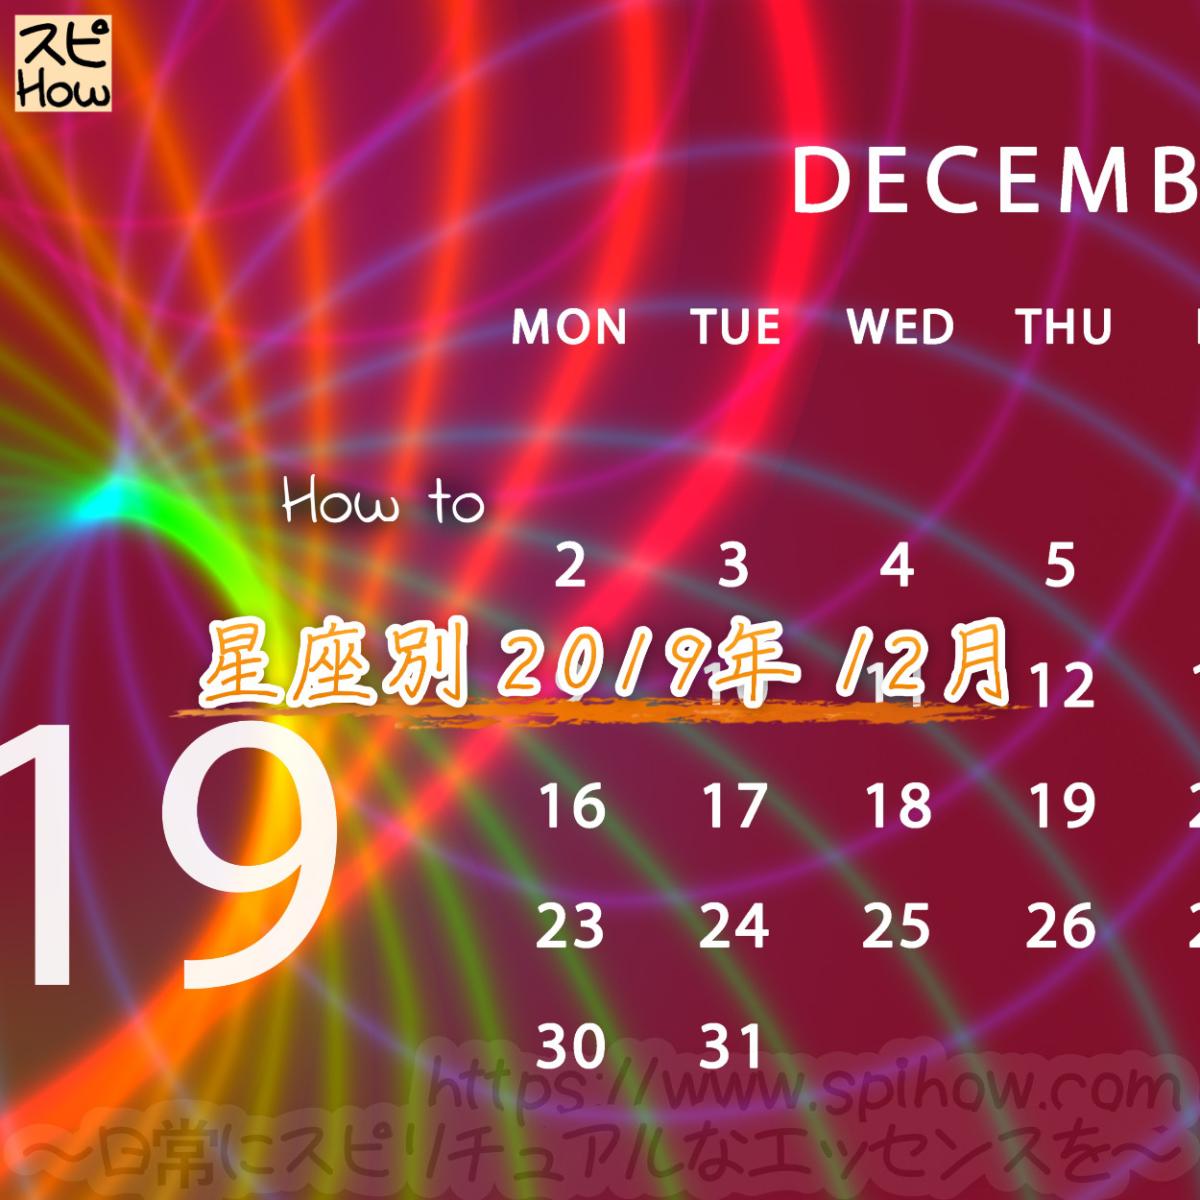 【2019年12月の運勢を知り開運する方法】各星座ごとに西洋占星術で占う12月のあなたの運勢は!?のアイキャッチ画像